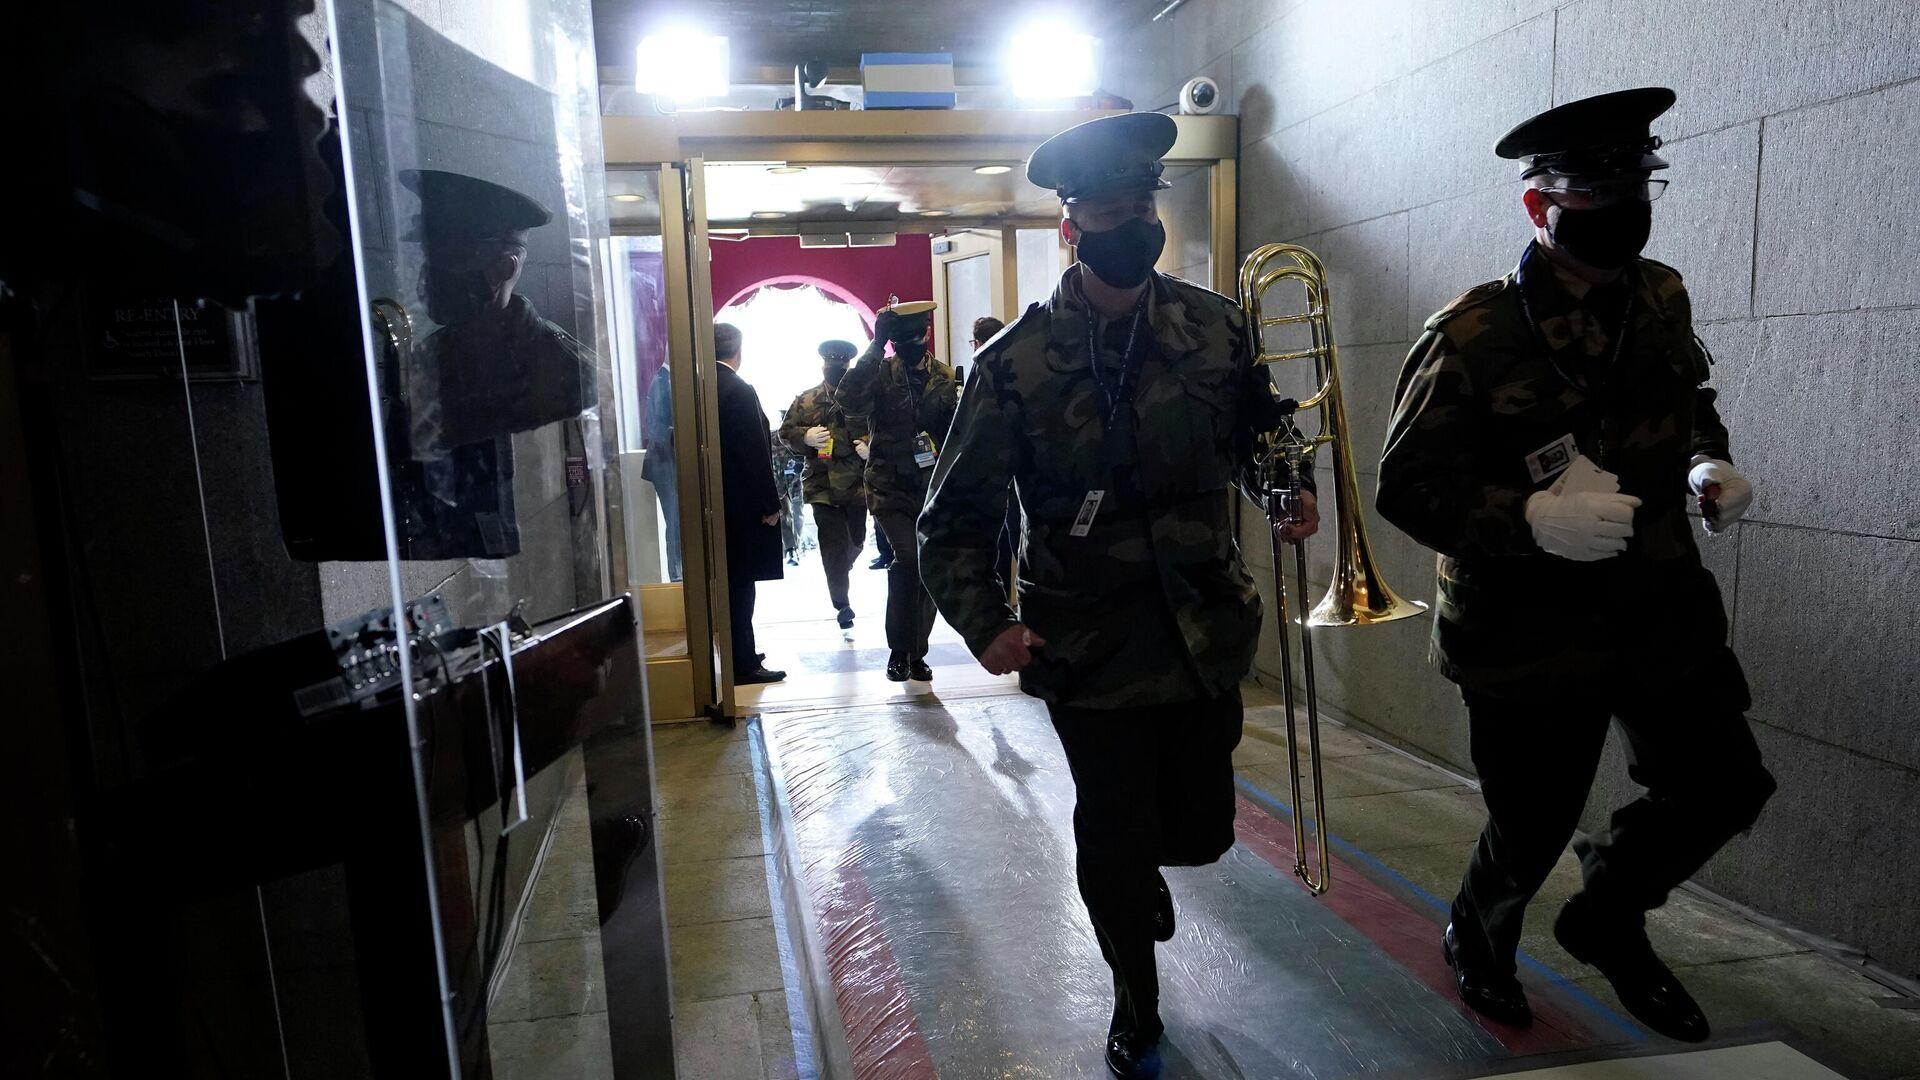 Военнослужащие США во время эвакуации из здания Капитолия в Вашингтоне - РИА Новости, 1920, 18.01.2021